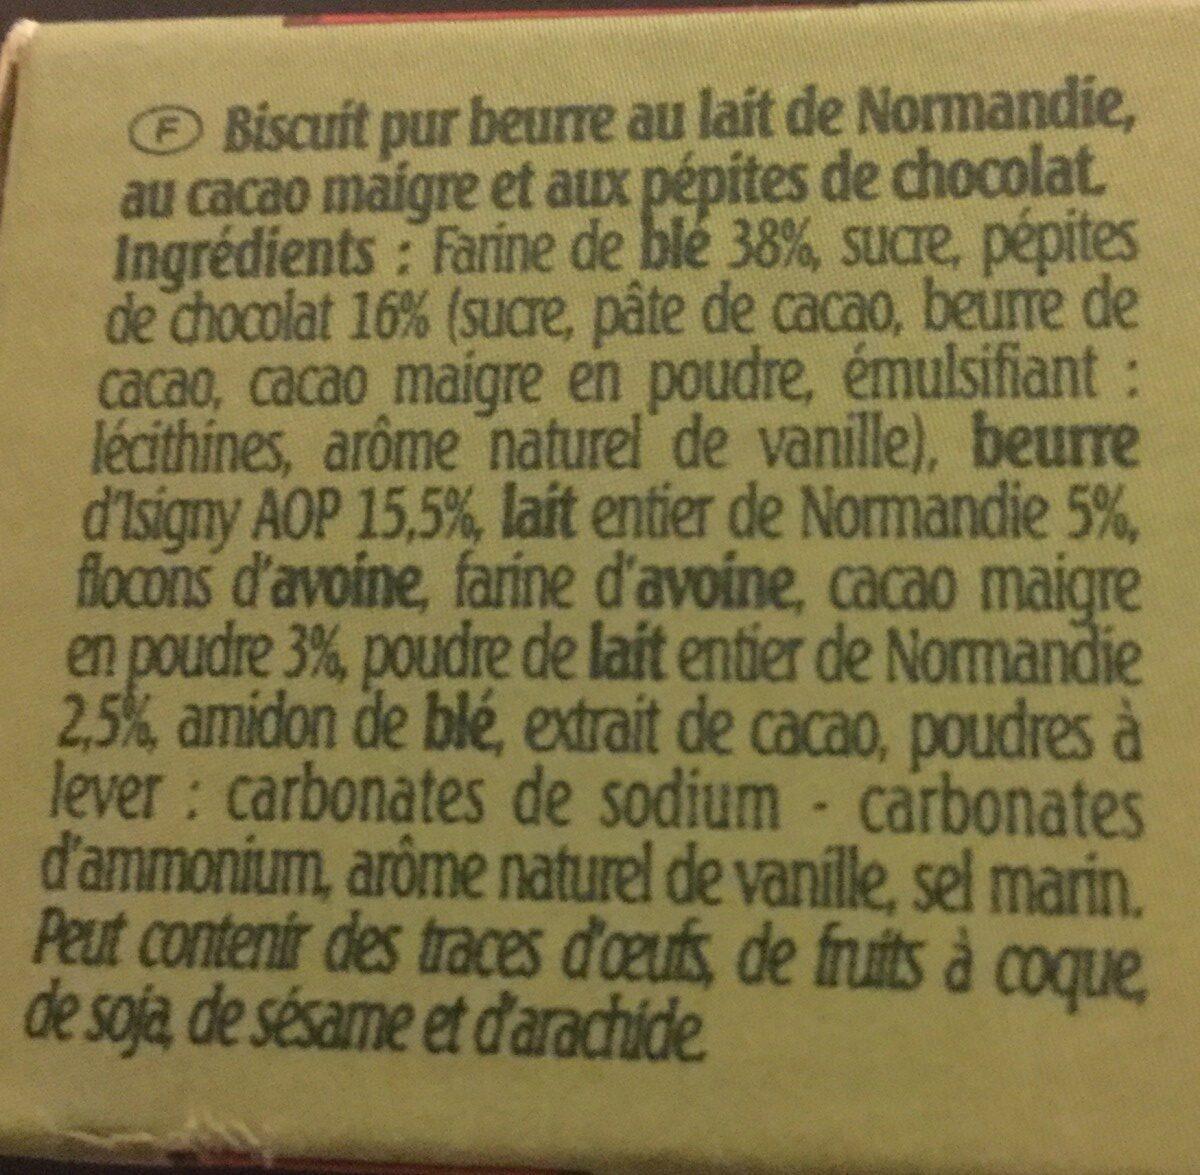 Le petit normand Pépites de Chocolat - Ingredients - fr